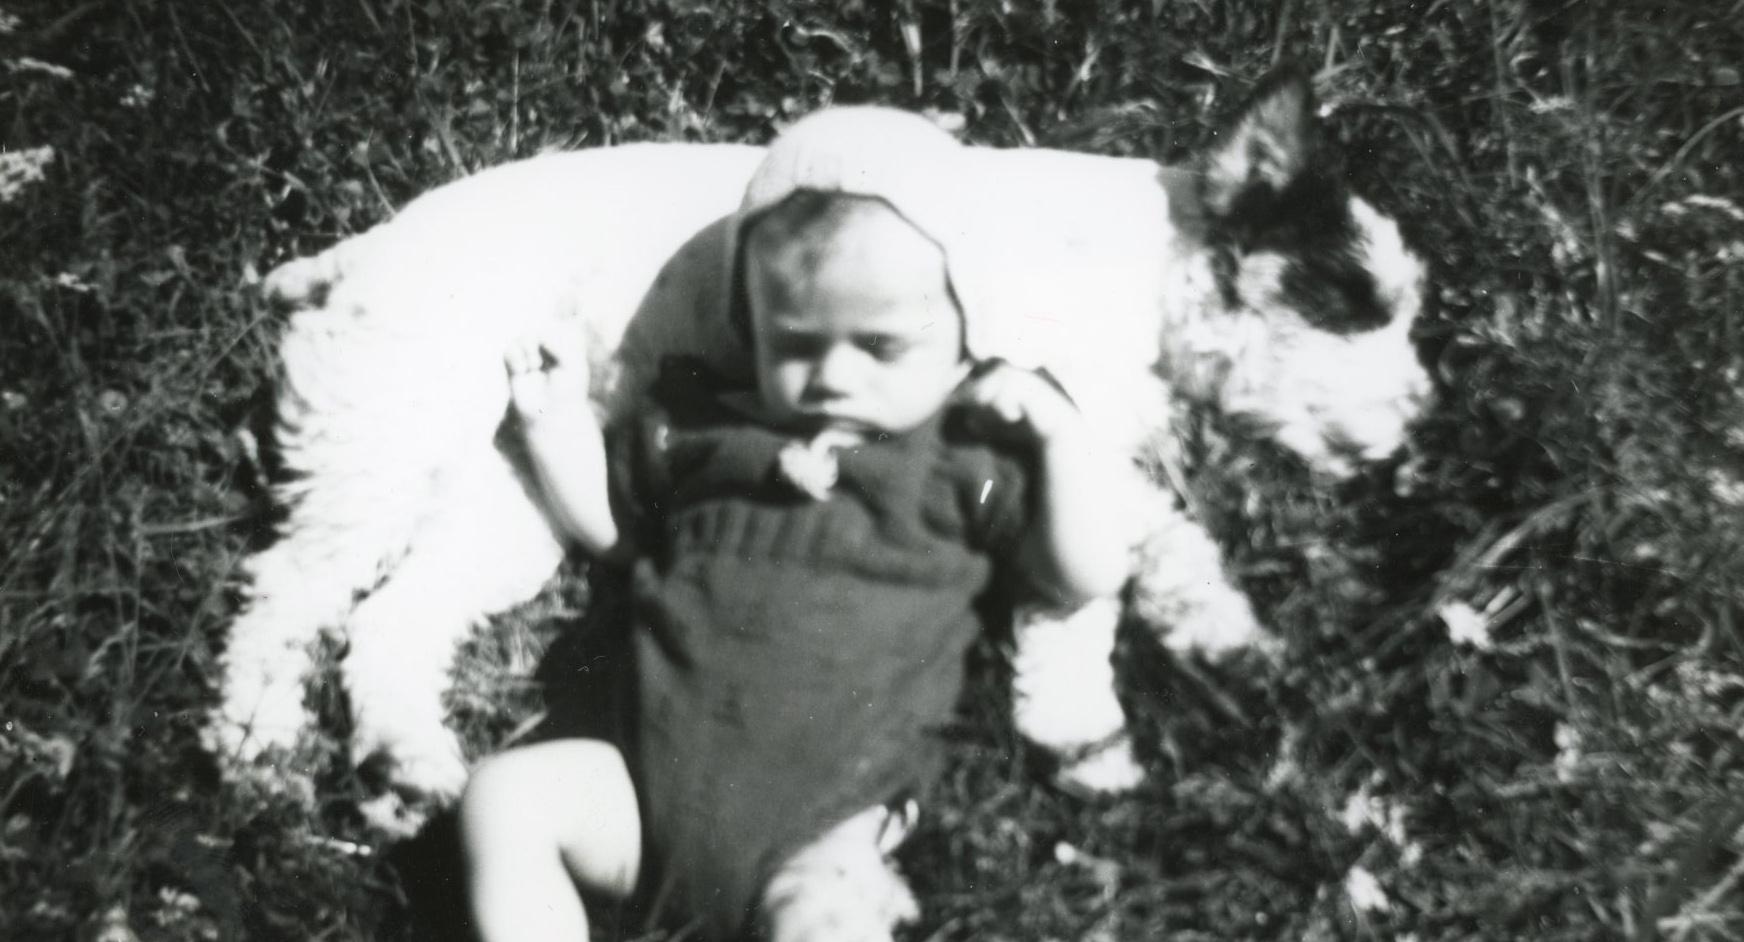 Margits eldste barn Henrik og hunden Terry tar seg en blund i gresset sommeren 1946.